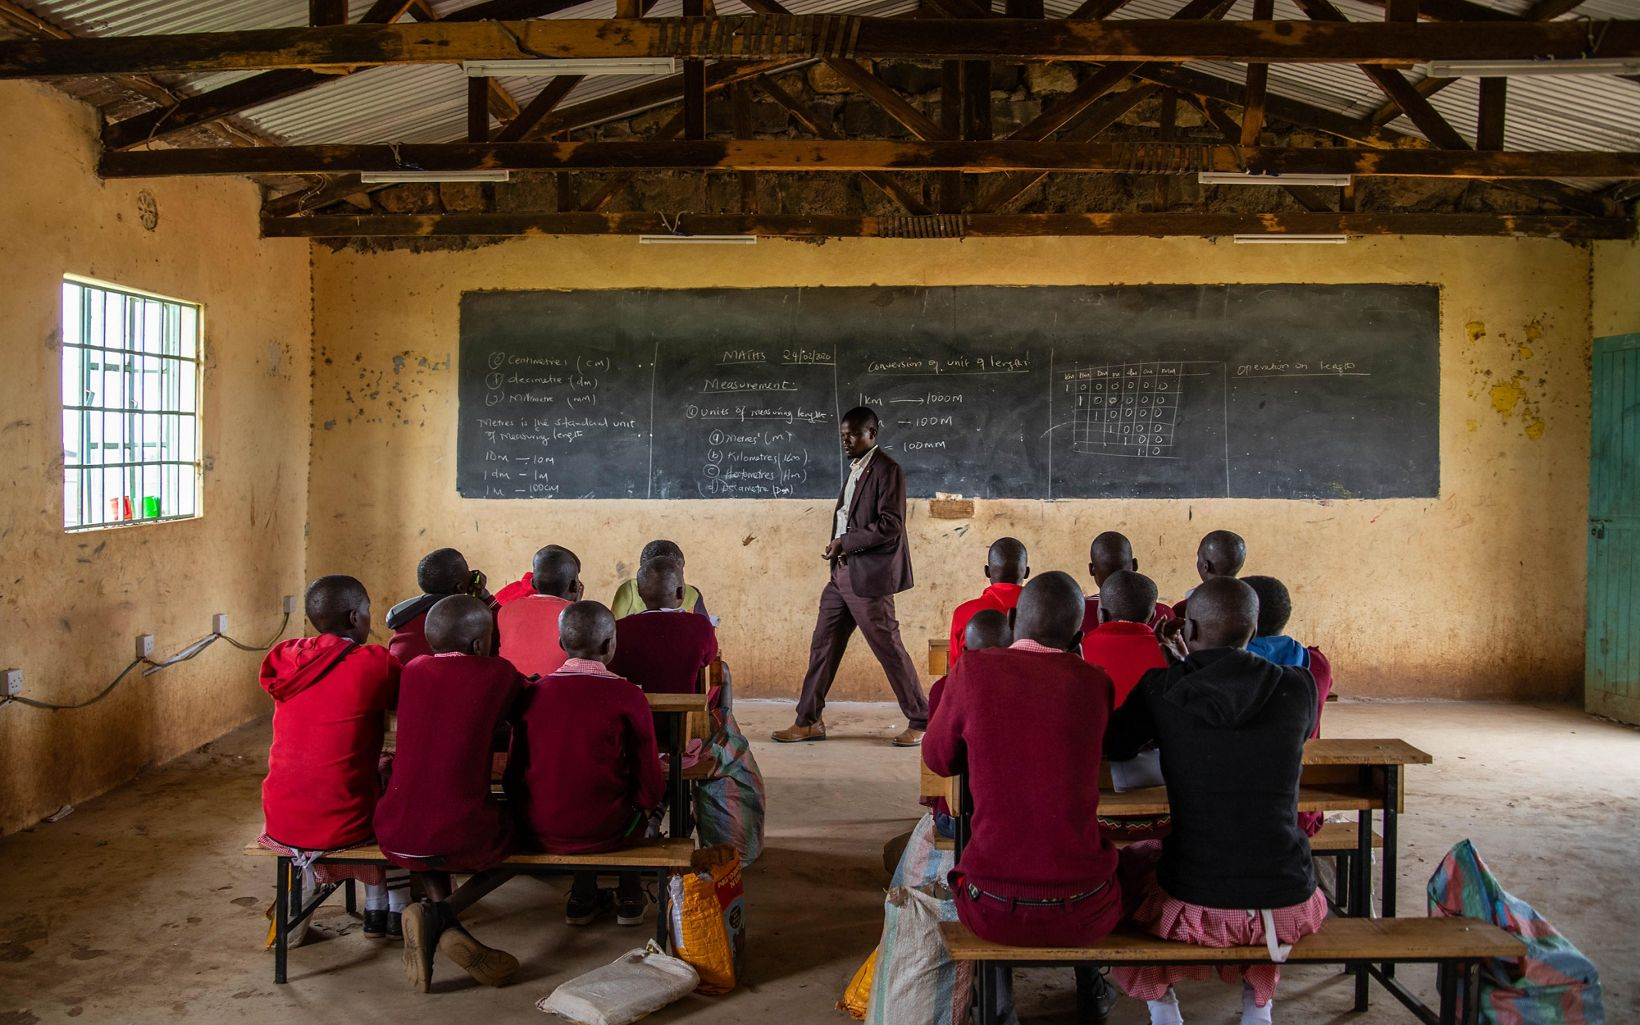 boy in front of chalkboard